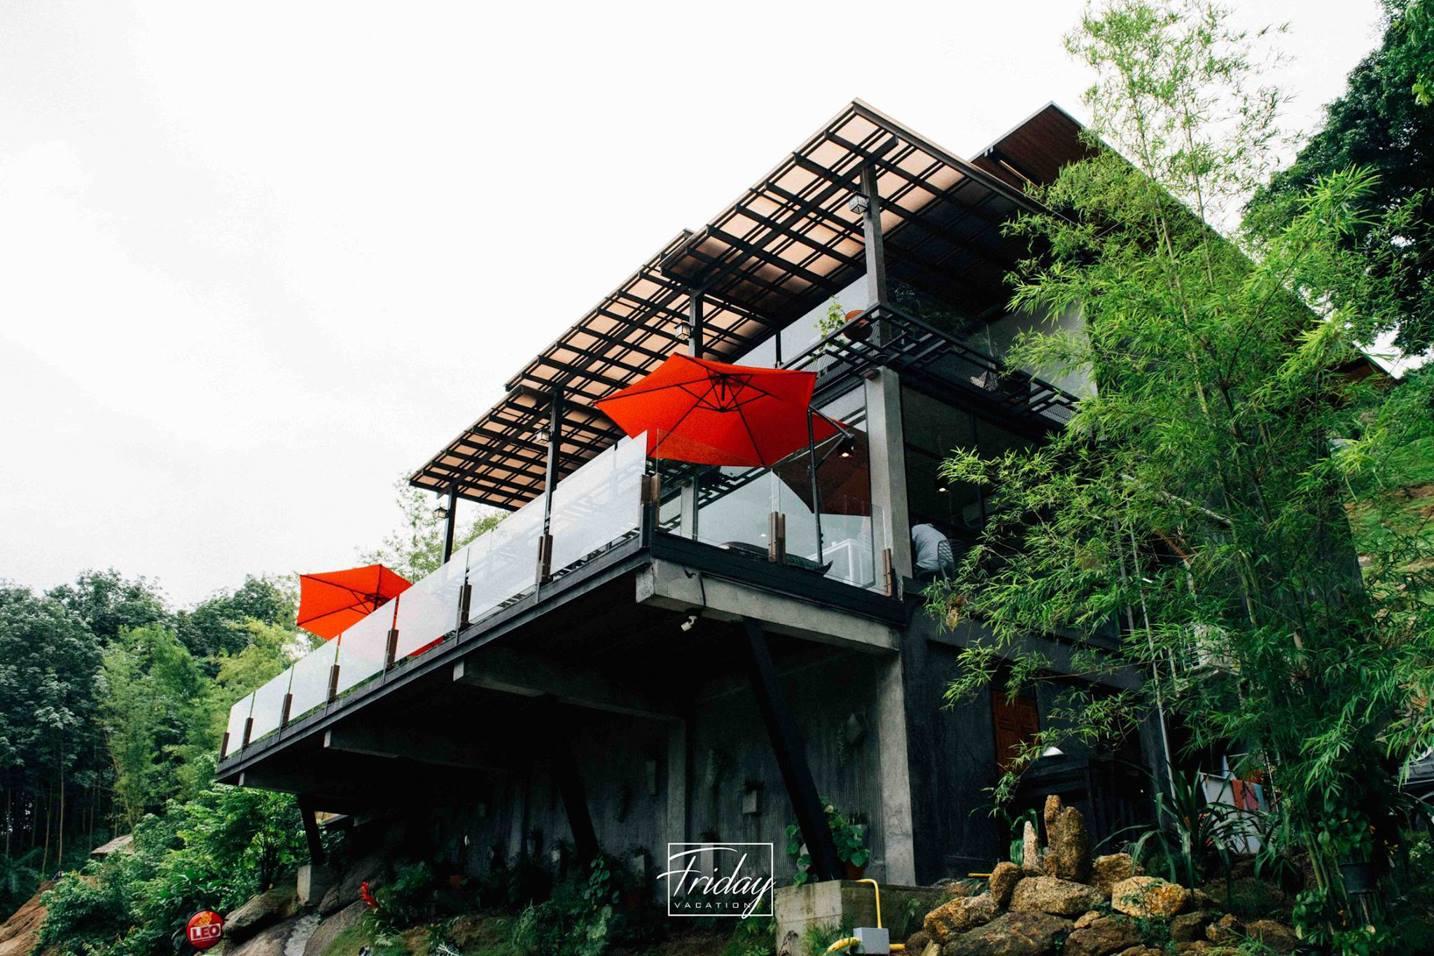 มีคาเฟ่สวยๆ-วิวหลักล้านด้วยนะเออ พิกัด-:-Kiriwong-Valley-?-ที่-The-Kiriwong-Valley-Villas---Restaurant นครศรีธรรมราช,มีอะไรบ้าง,สถานที่ท่องเที่ยว,ร้านอร่อย,ของกิน